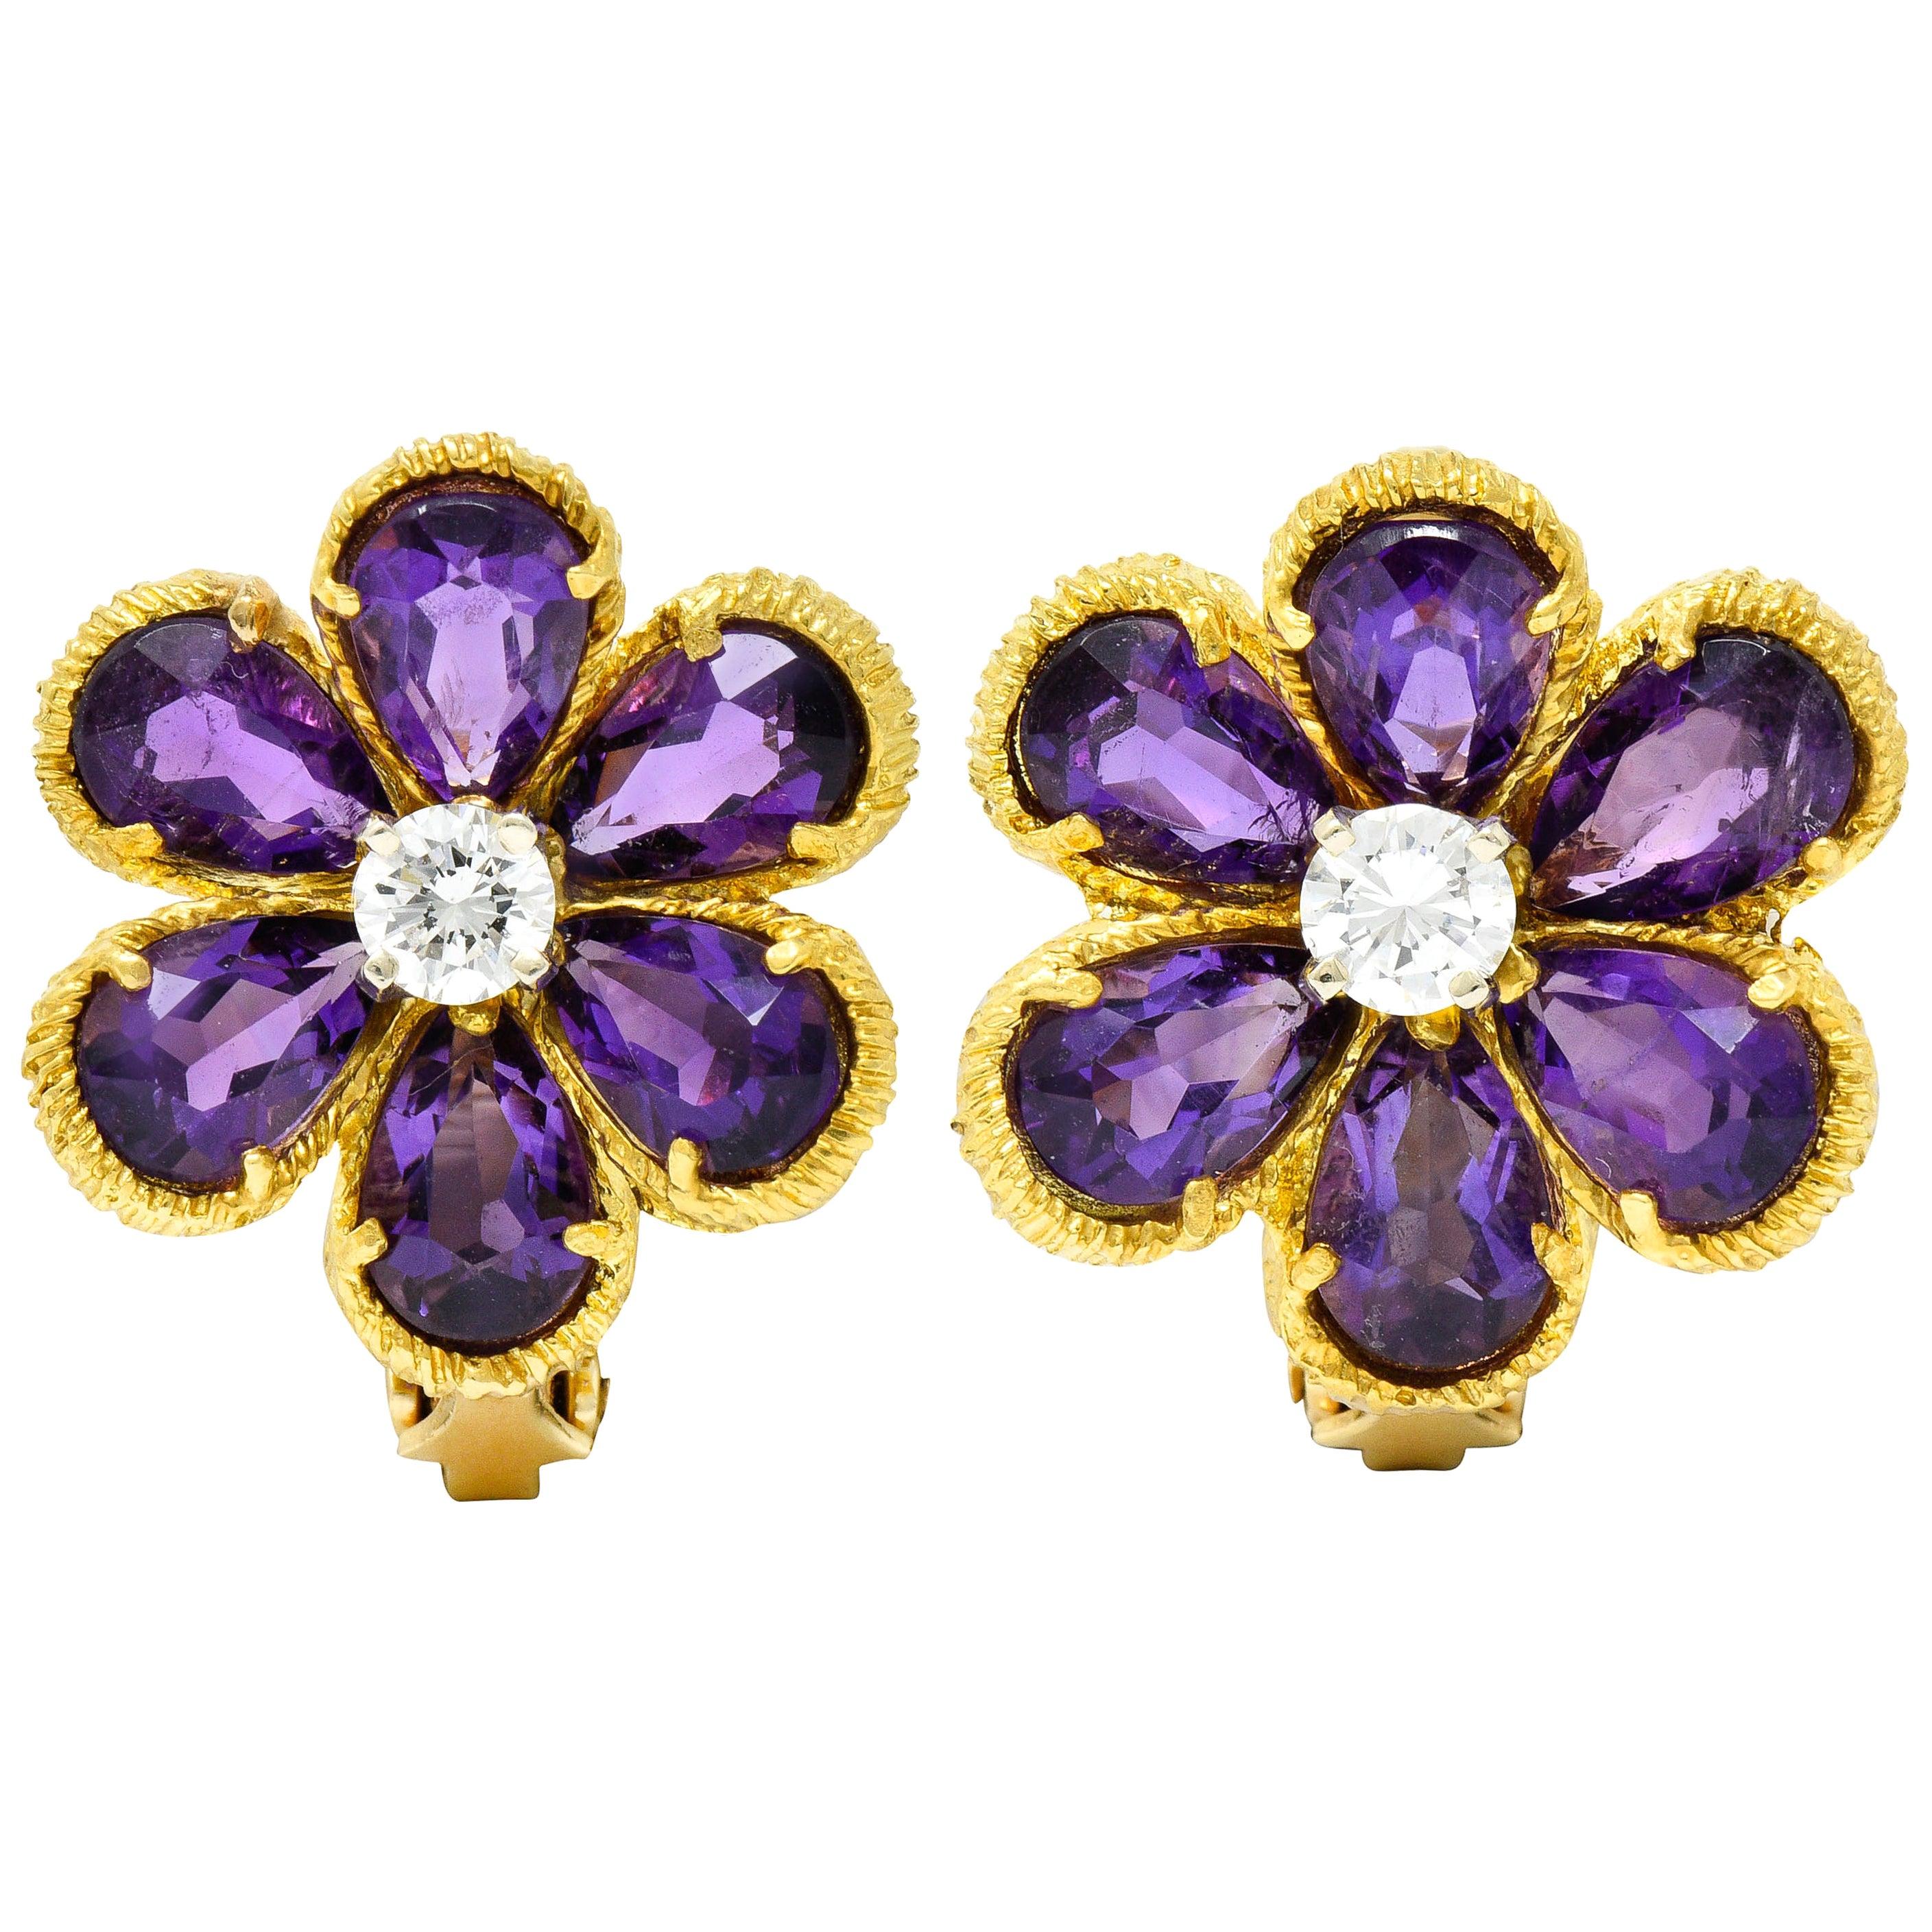 Vintage Diamond Amethyst 18 Karat Yellow Gold Flower Ear-Clip Earrings